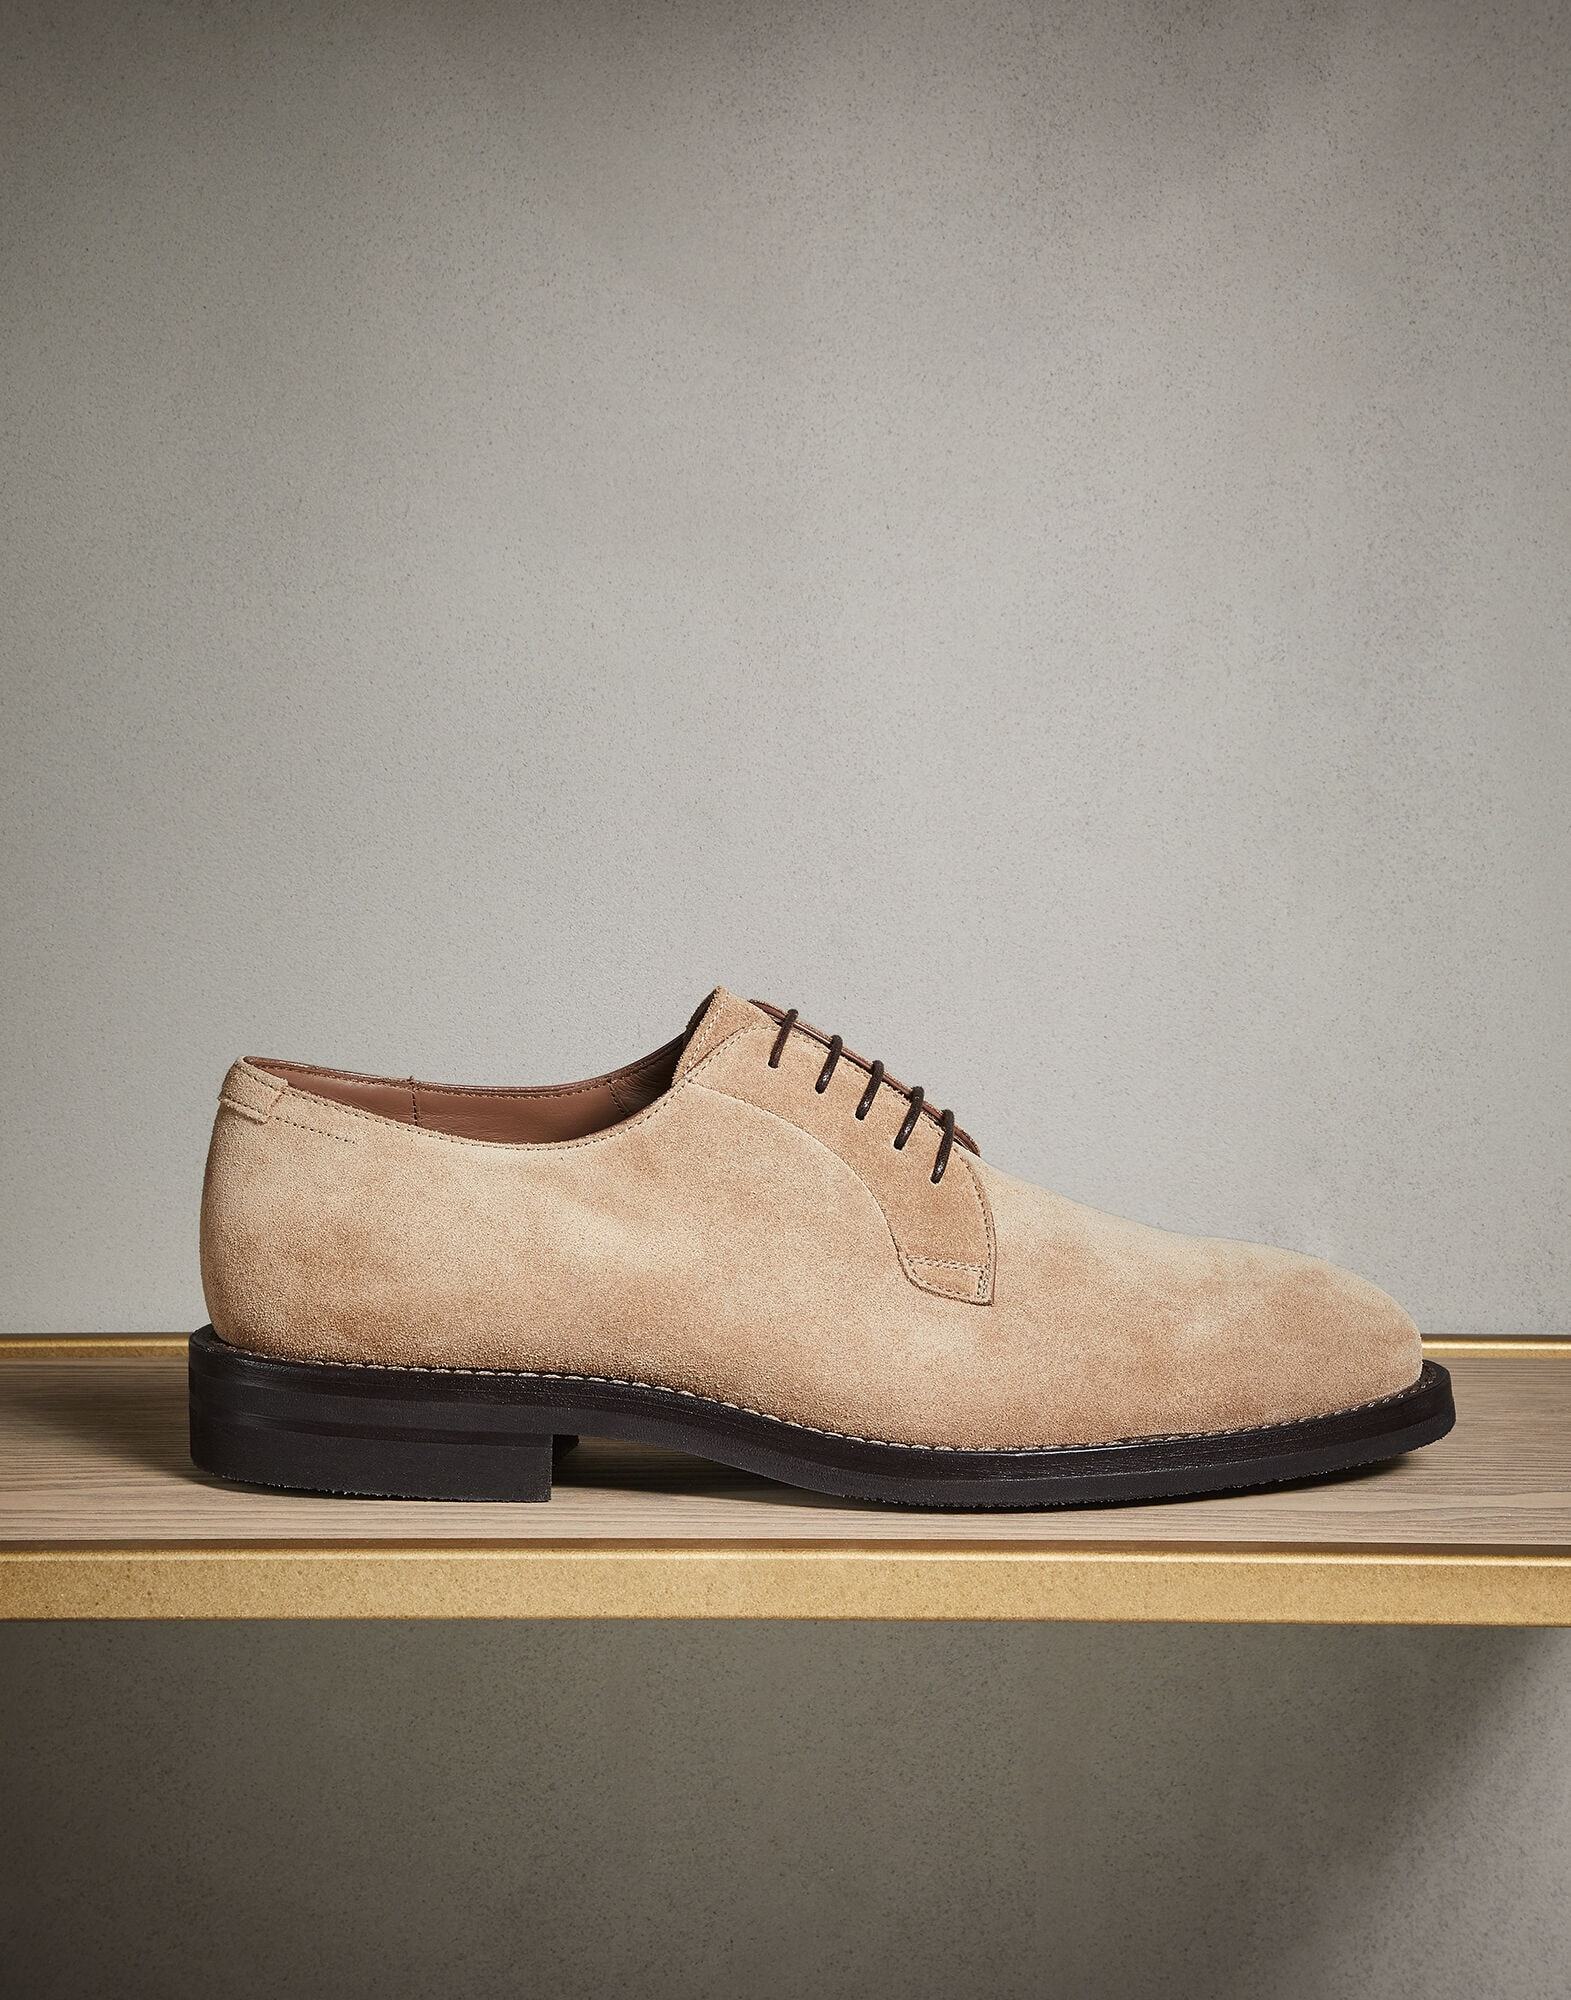 Zapatos Hombre Acordonados Calzado Cucinelli Brunello 182mzuchpf914 qqPSZ